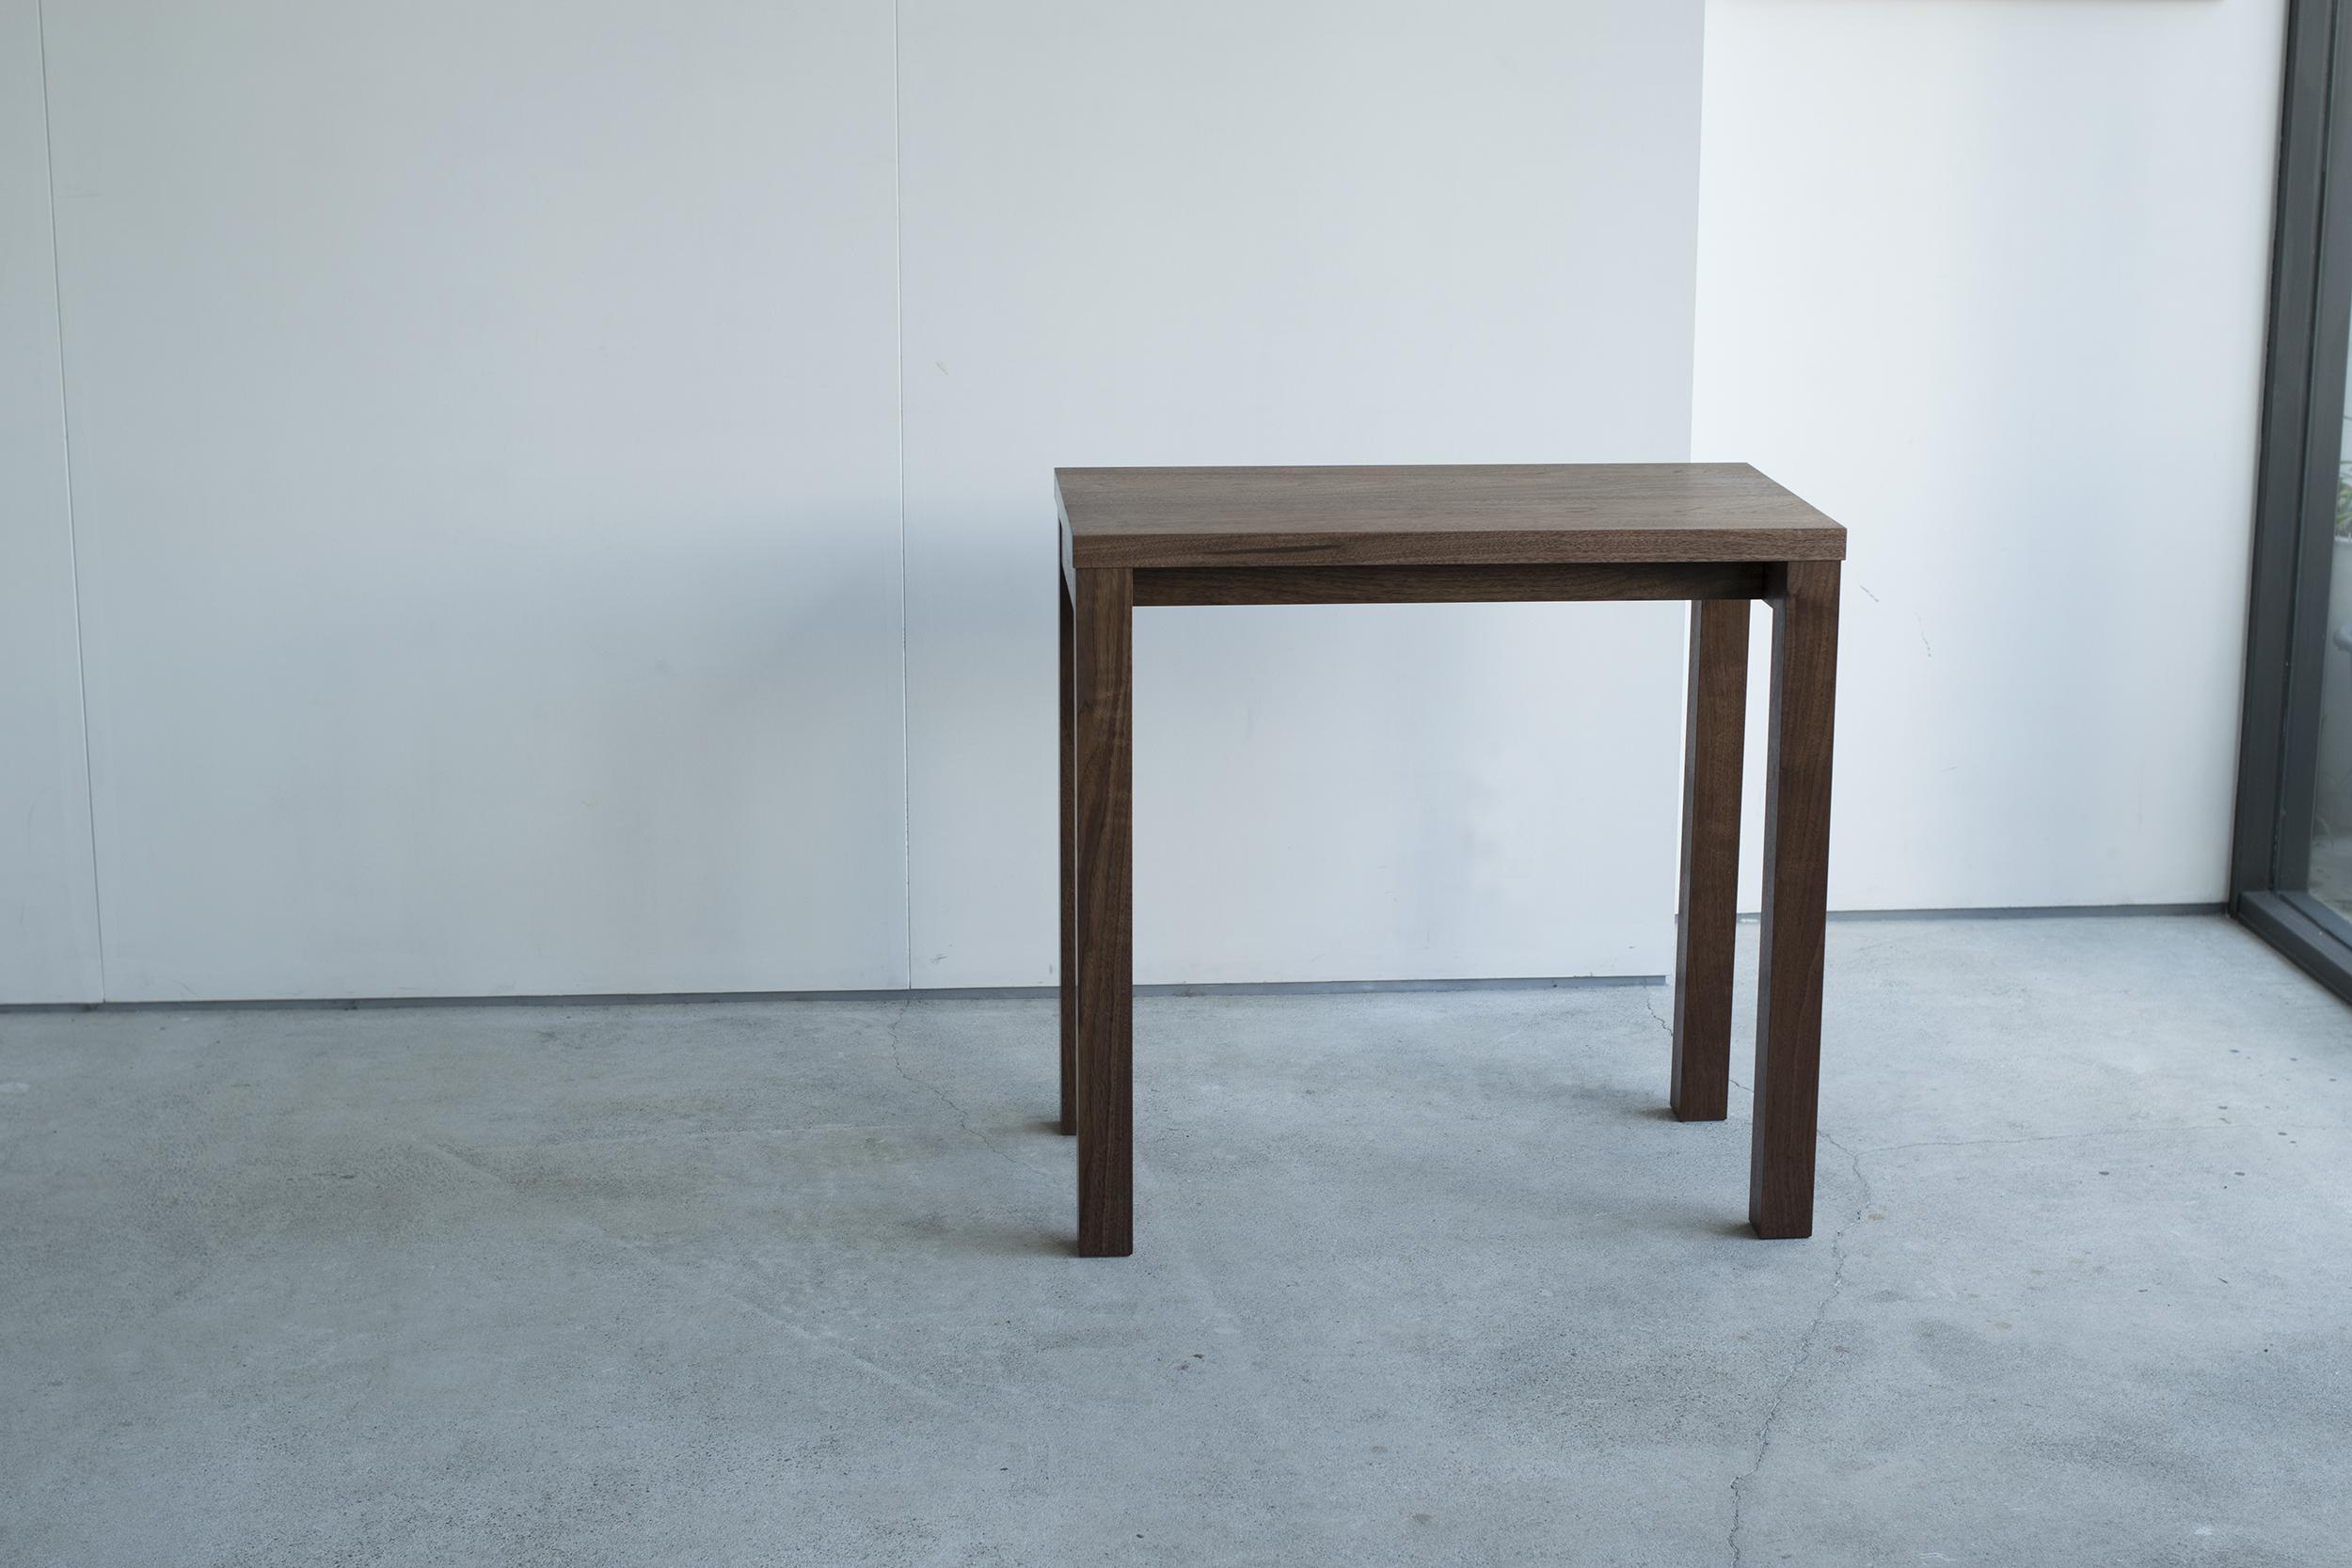 デスク ウォールナット材 スタンダードテーブル・タイプ1から